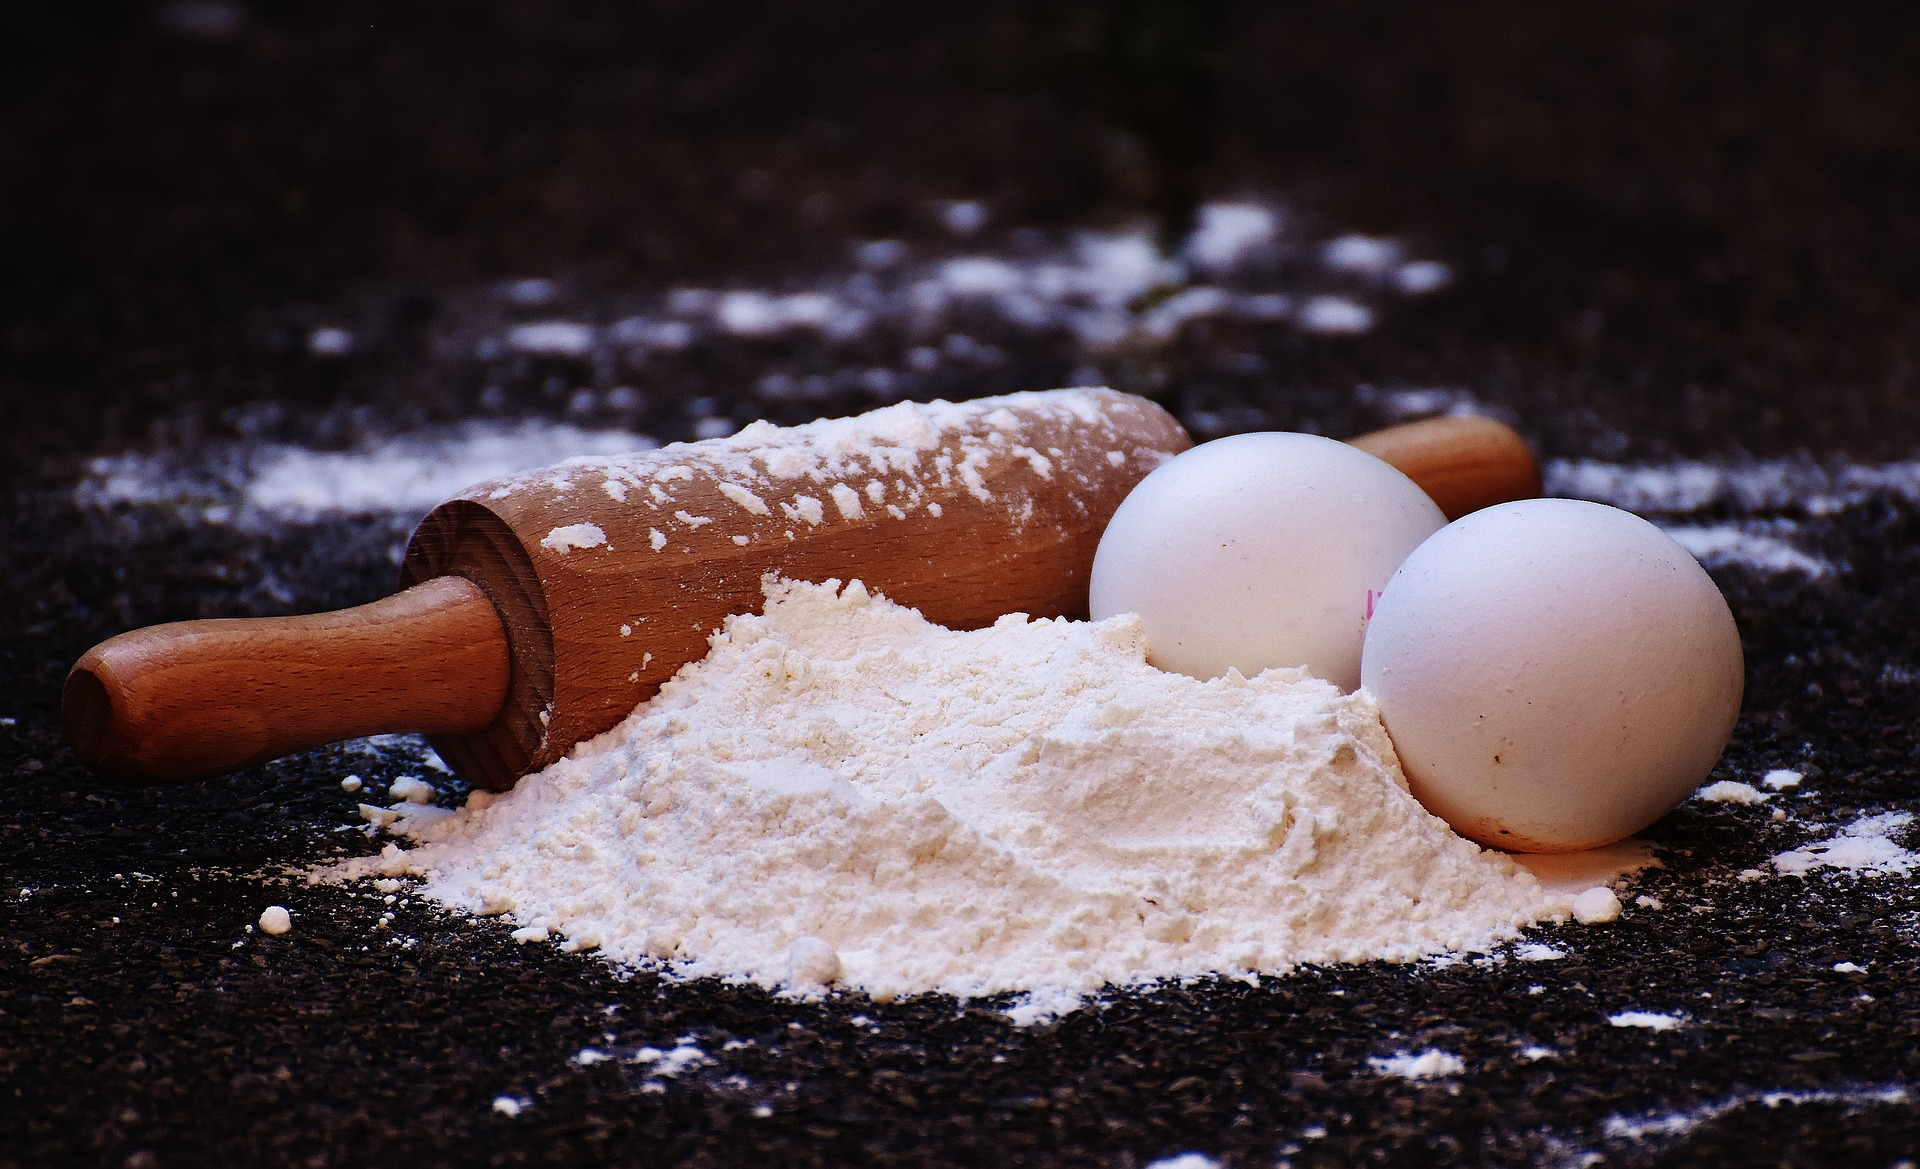 セルフライジングフラワーって何?小麦粉の豆知識